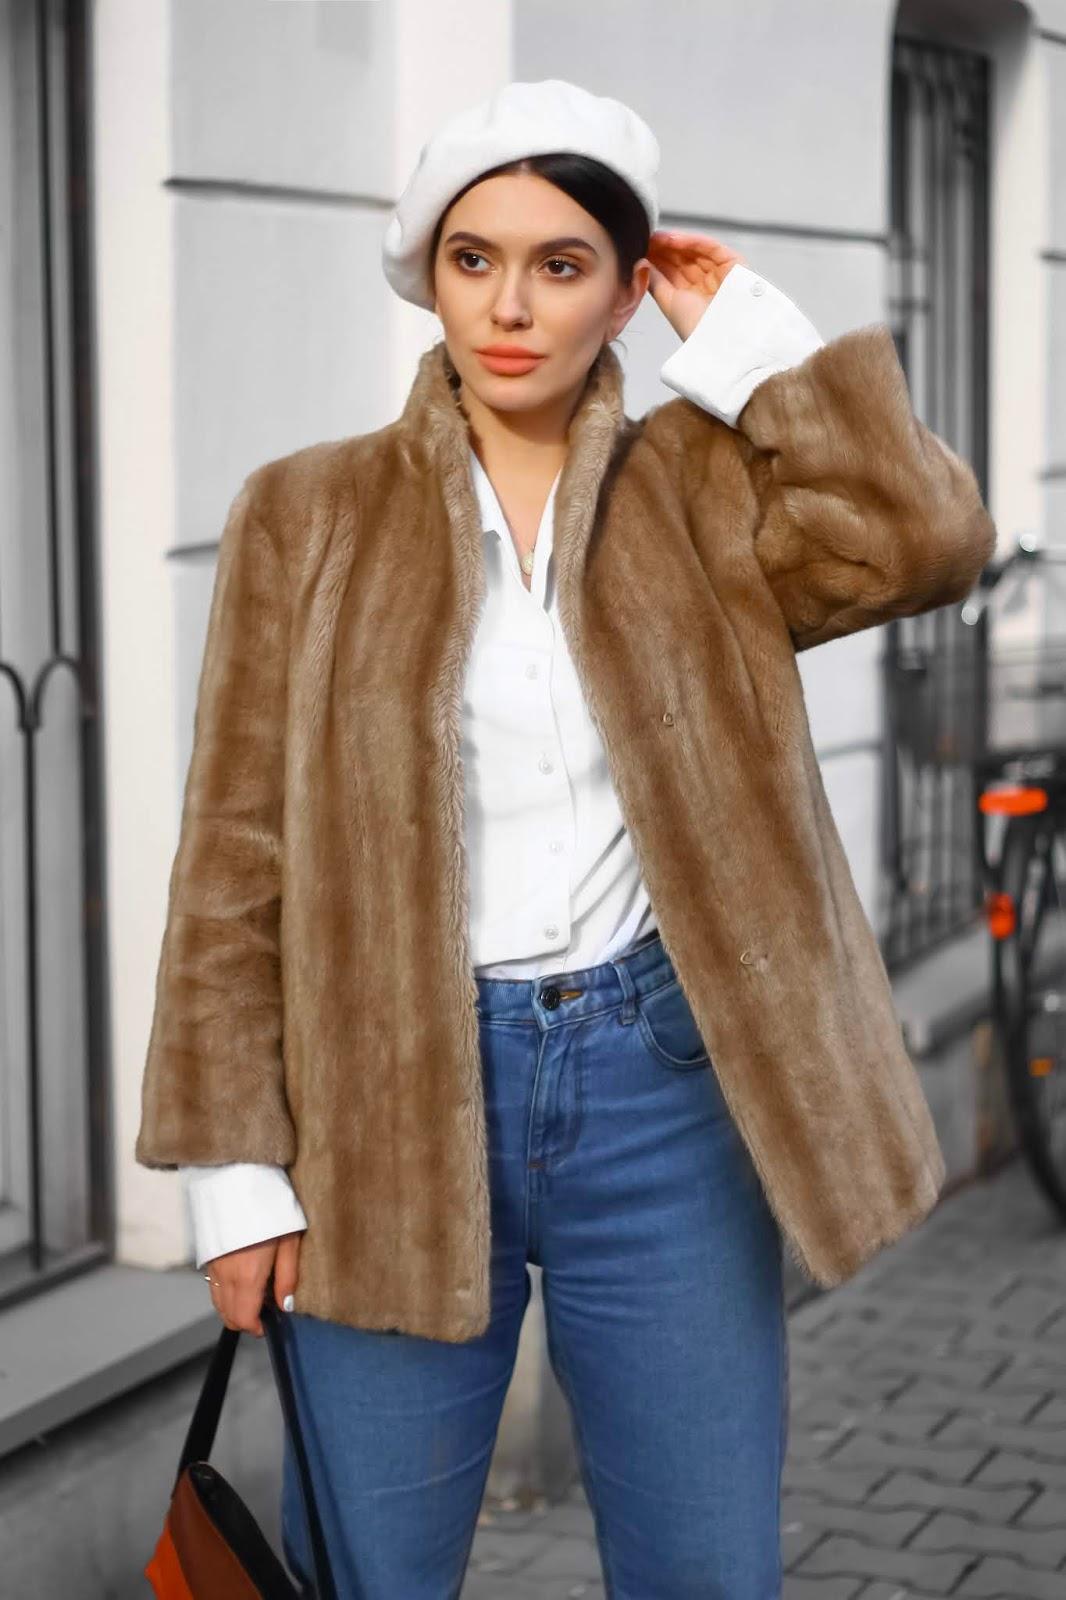 biały beret stylizacja, jak nosić beret